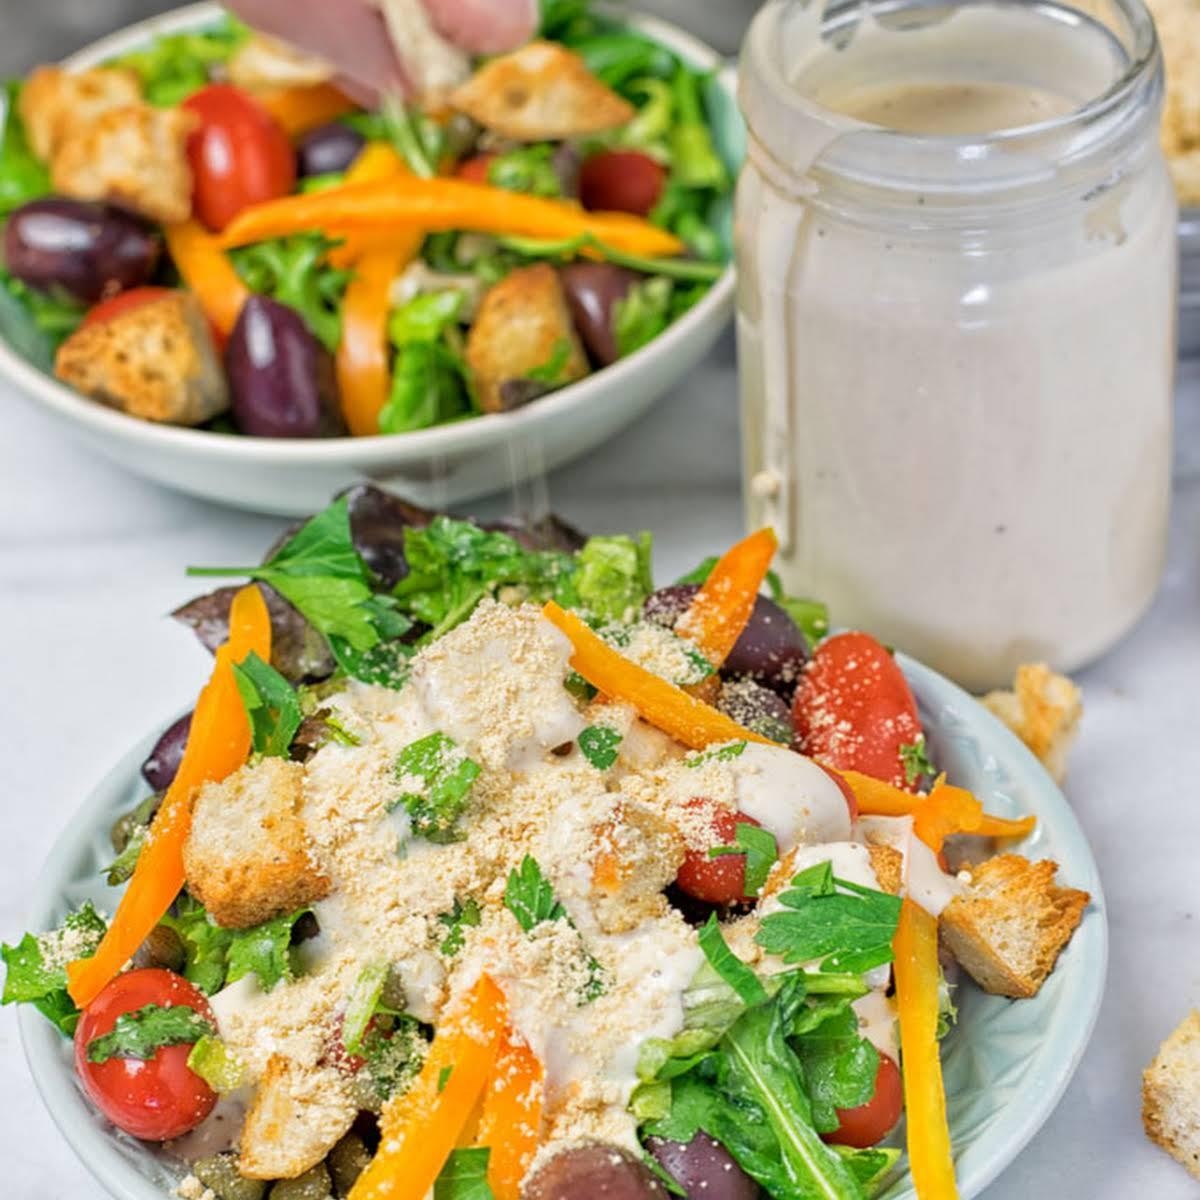 Roasted Garlic Vegan Parmesan Salad Dressing